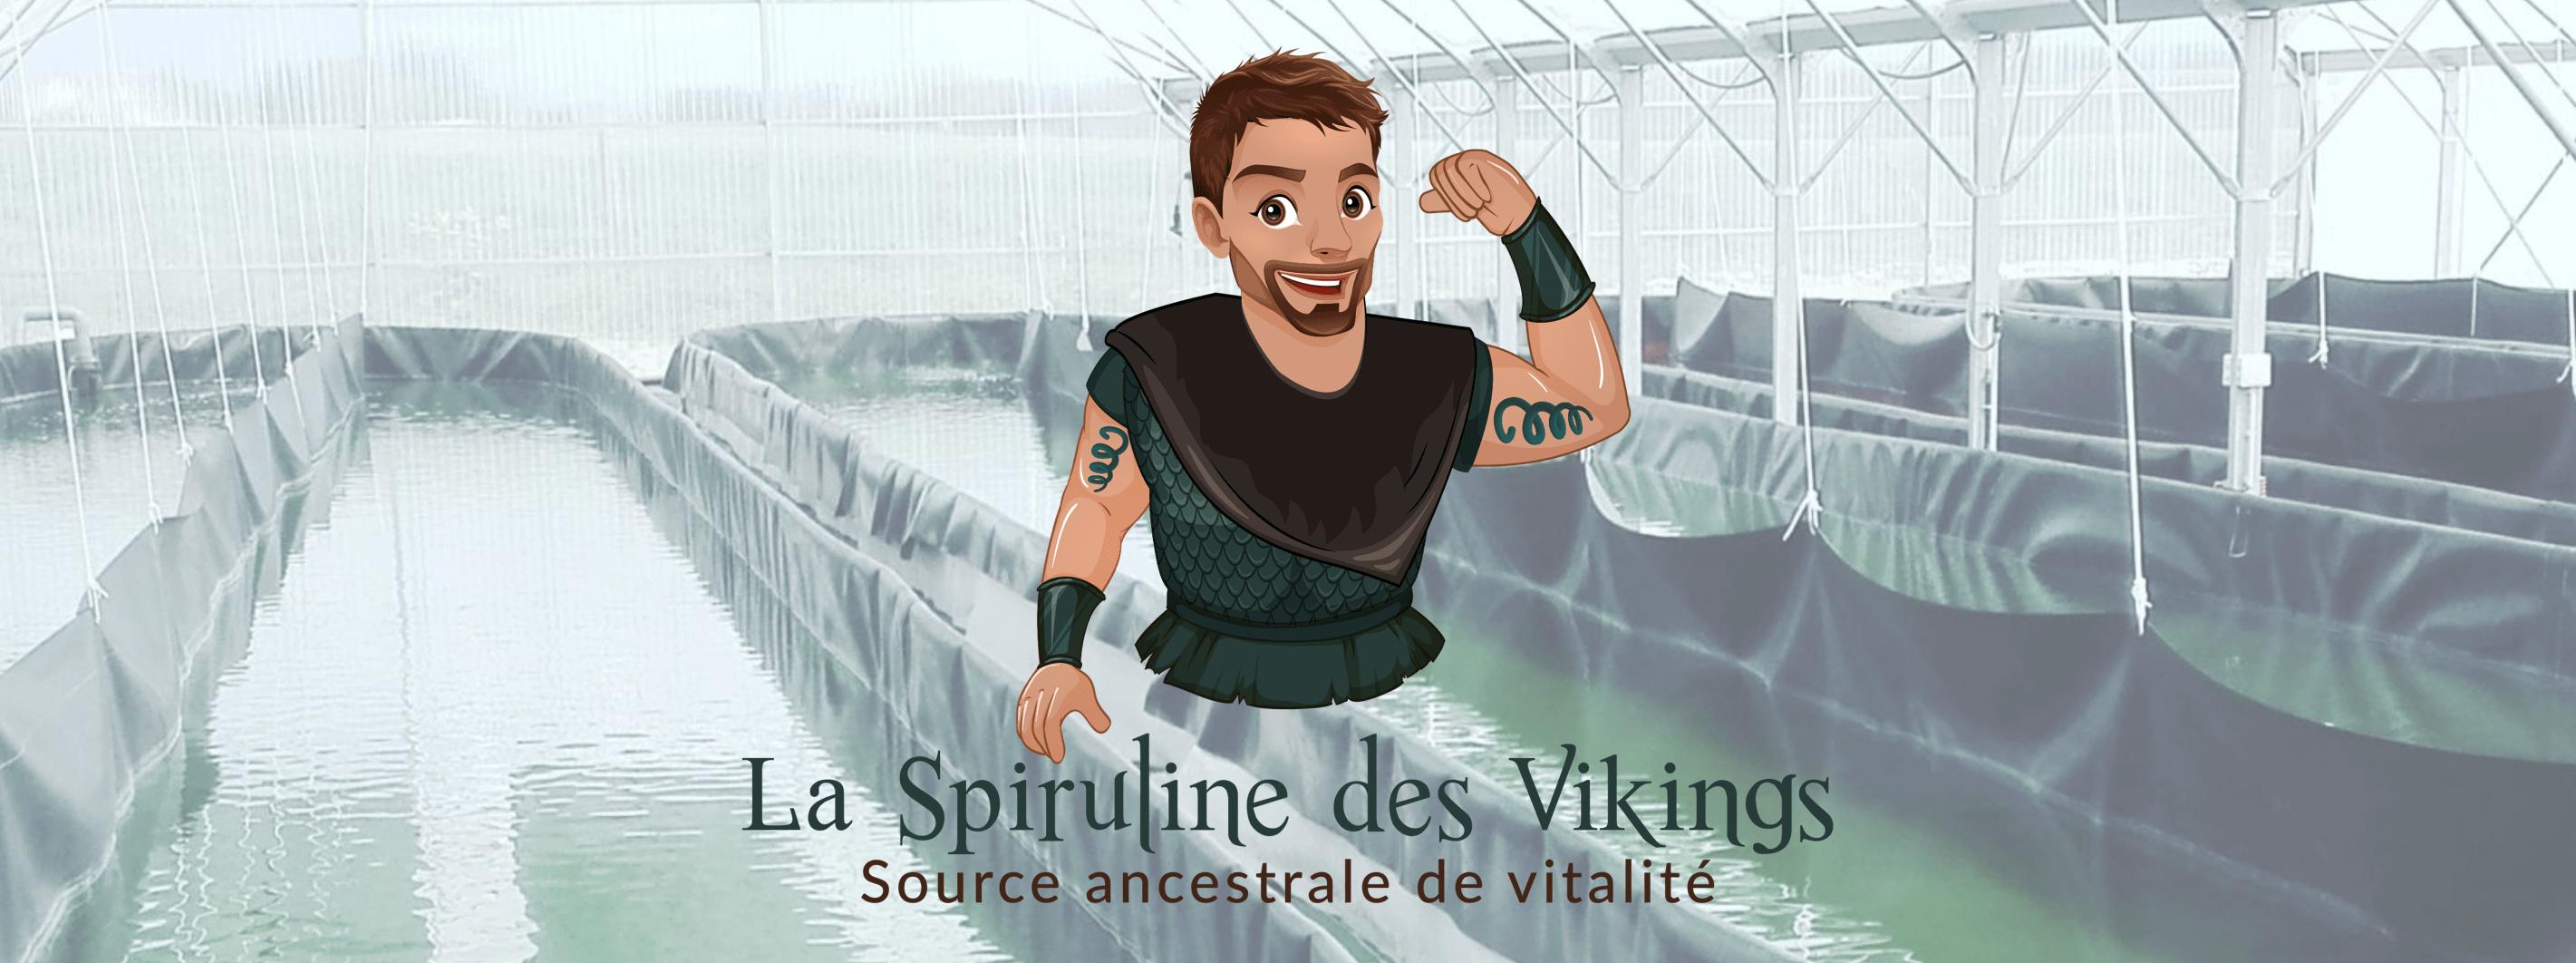 Spiruline des Vikings